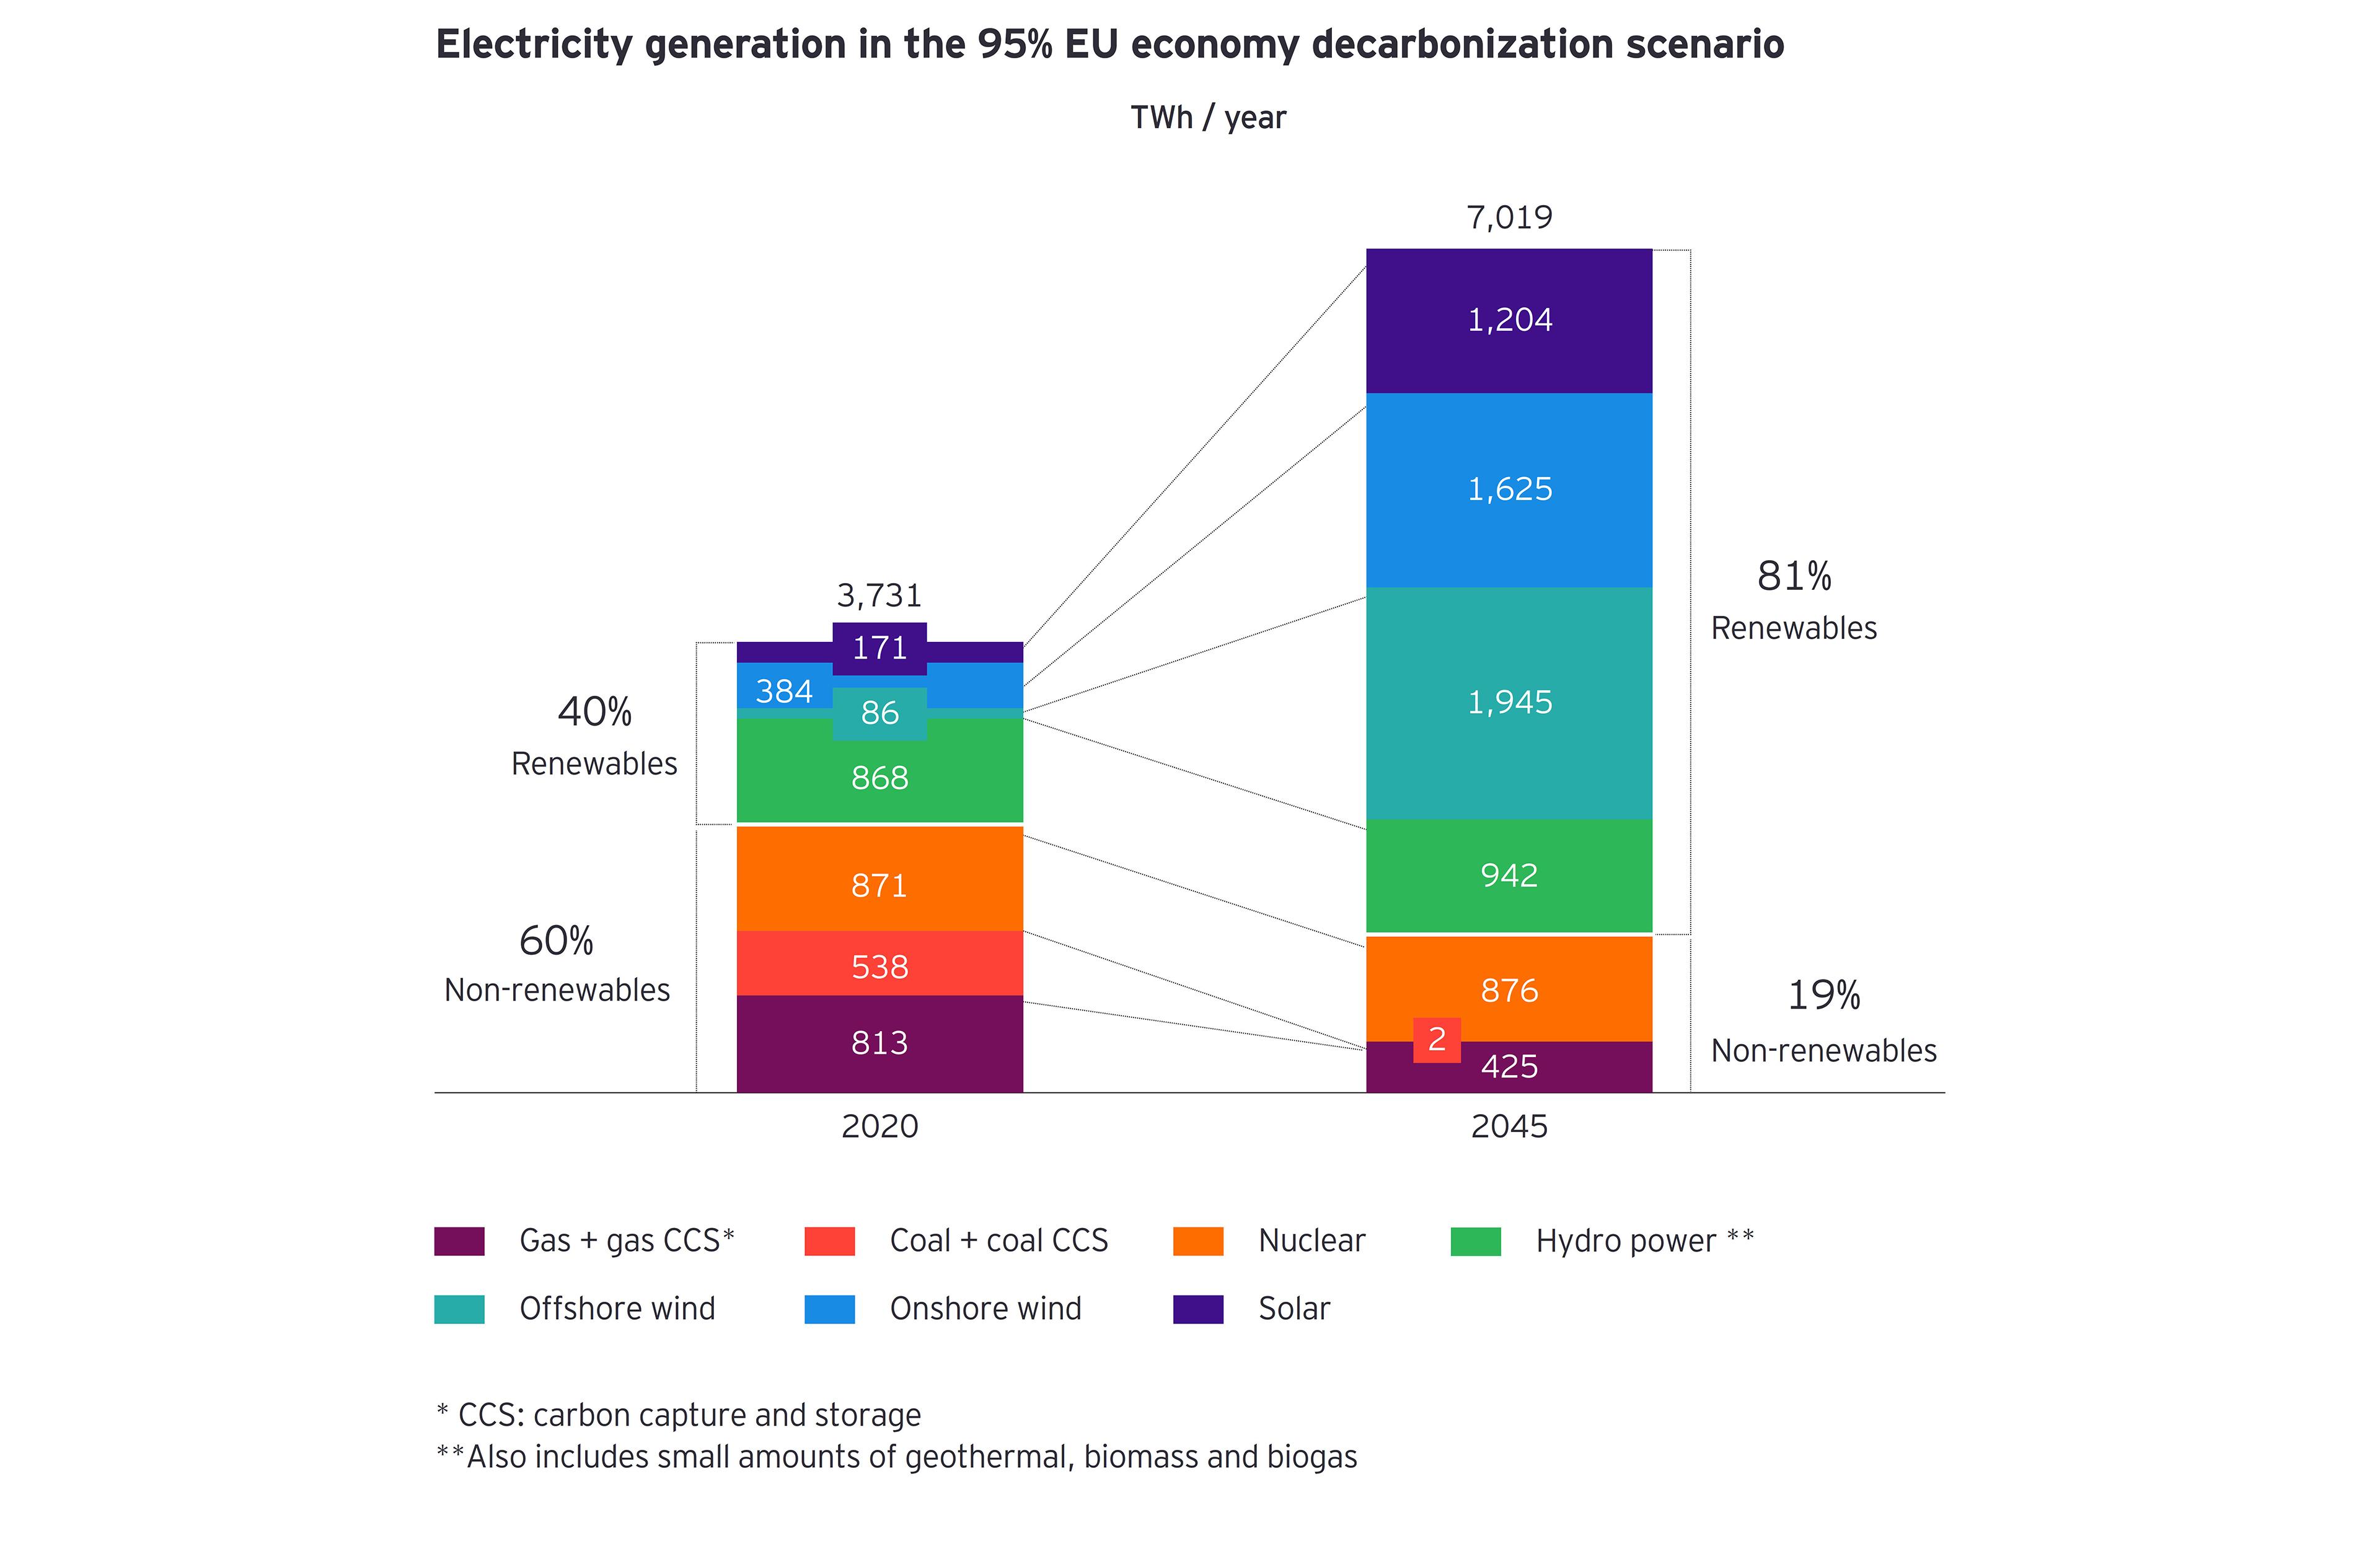 Decarbonization scenario